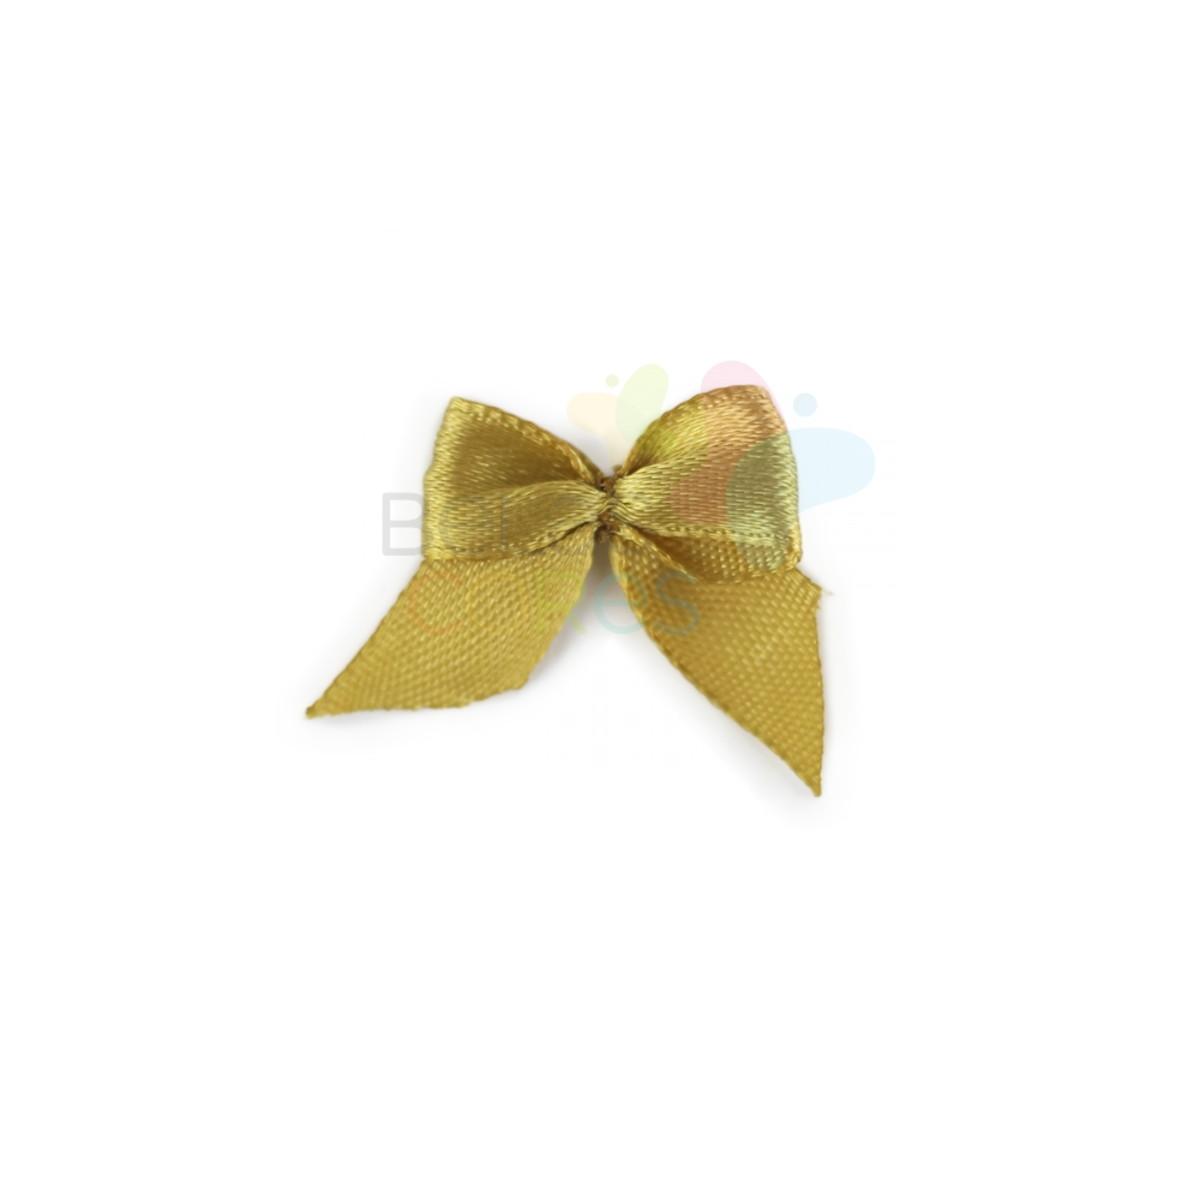 50 Mini Lacinhos de Cetim Dourado no Elo7   Belas Cores ... 14d8781cf9